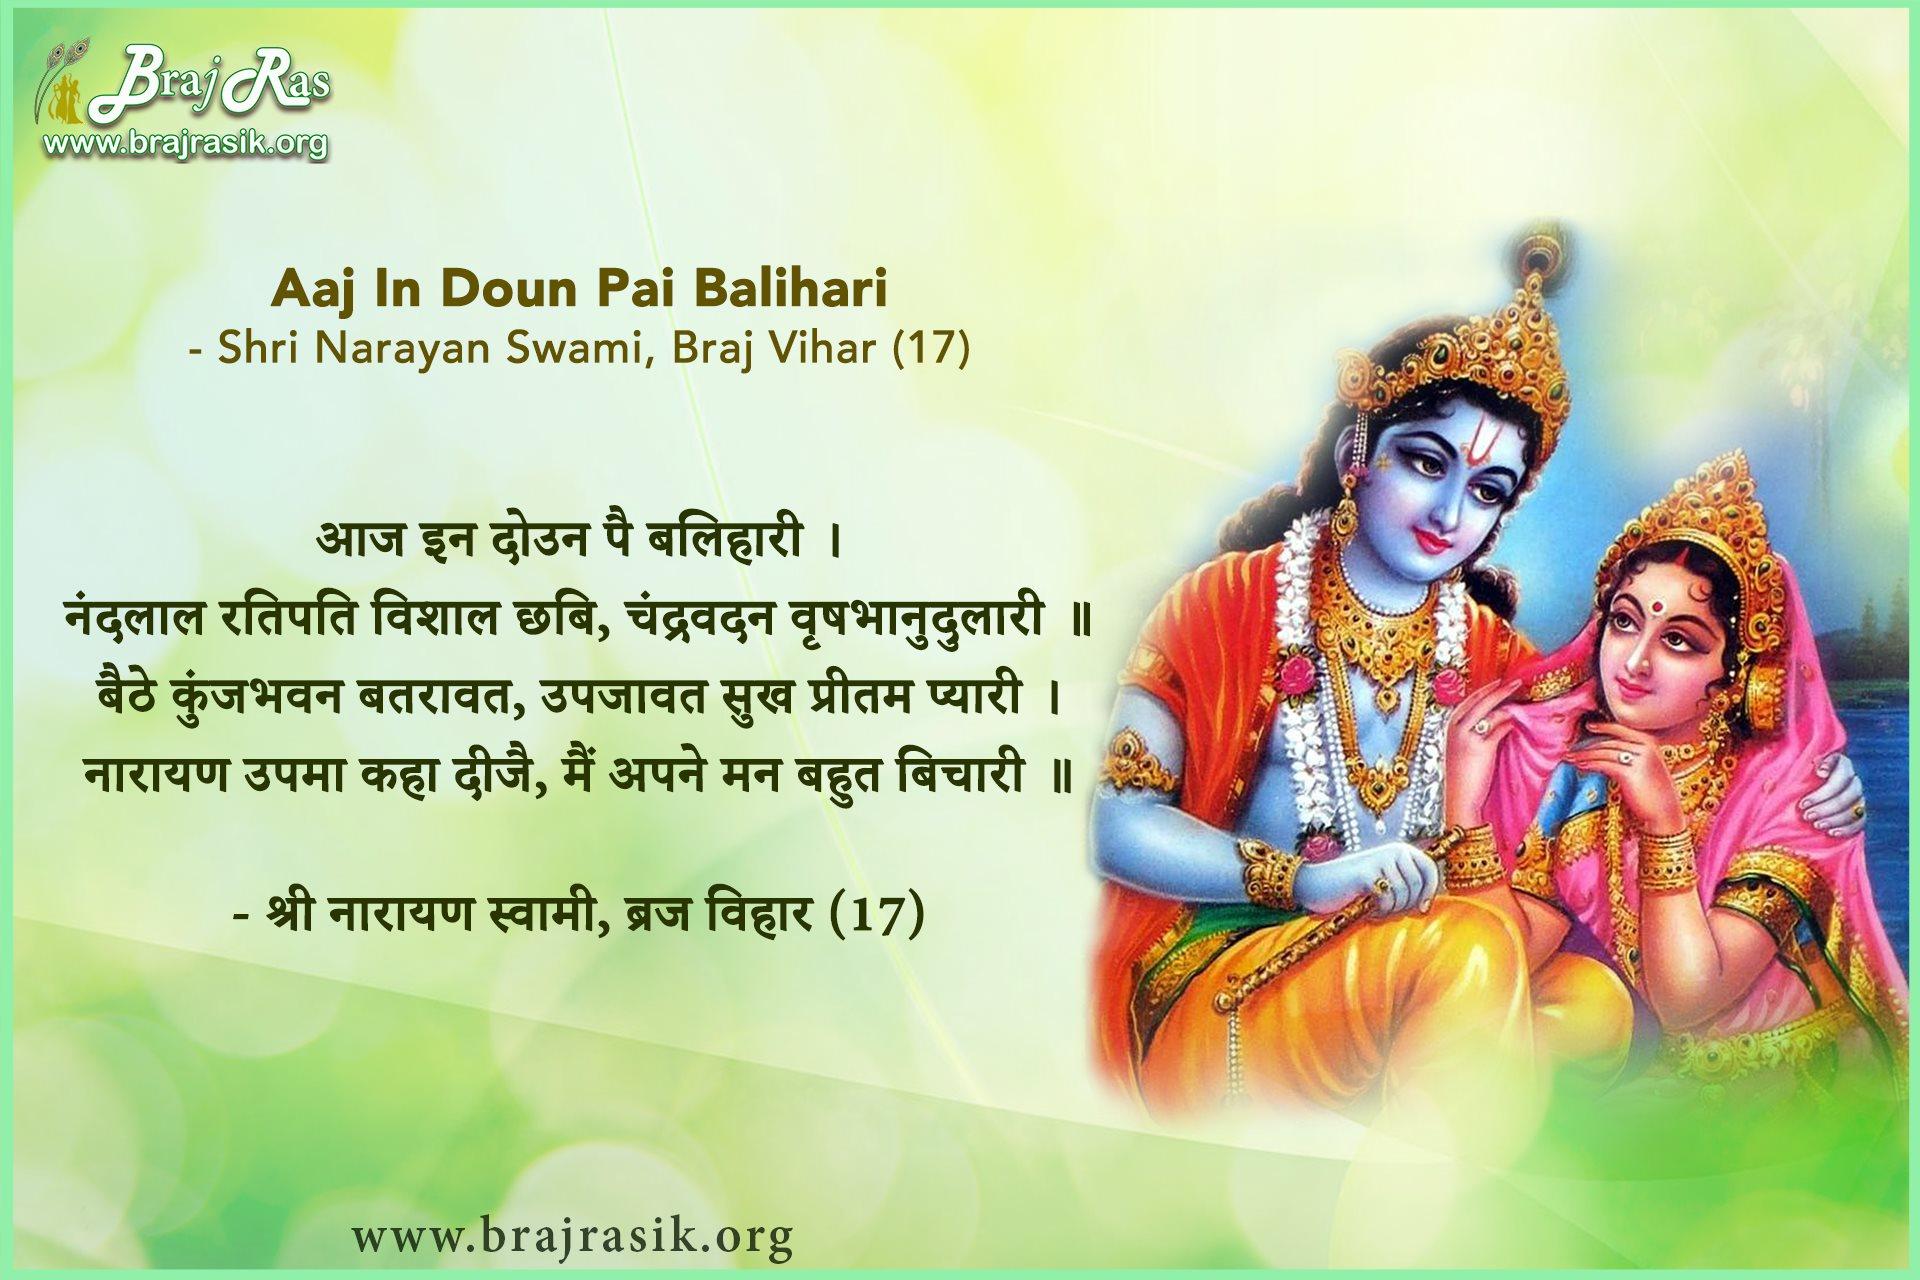 Aaj In Doun Pai Balihari- Shri Narayan Swami, Braj Vihar (17)